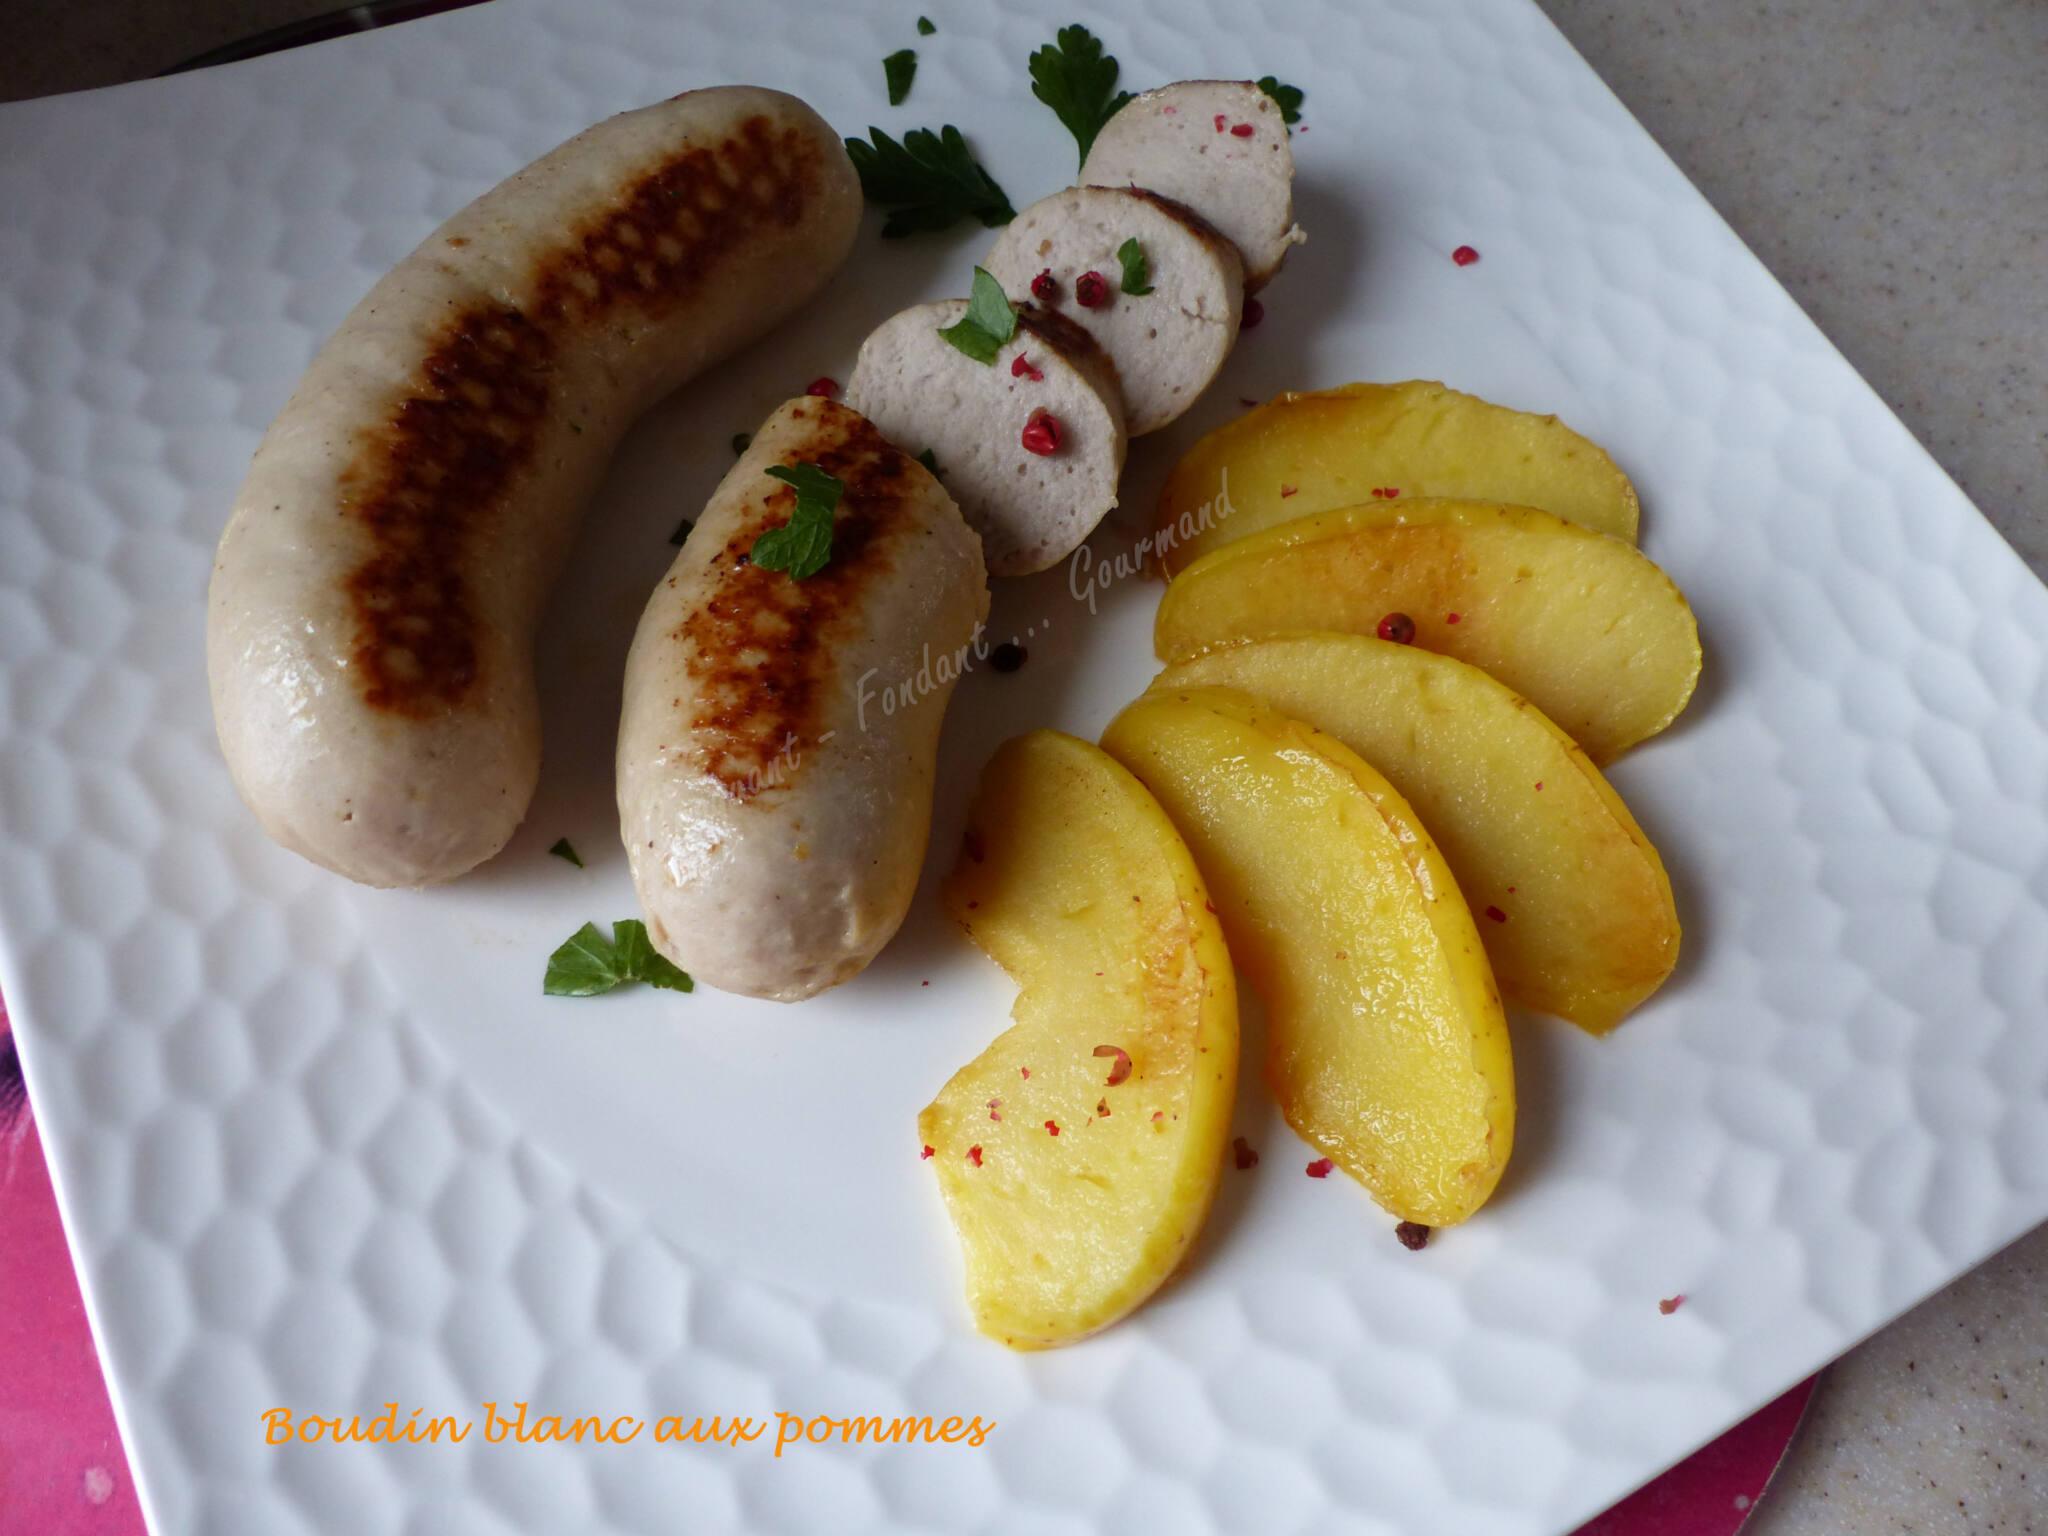 boudin-blanc-aux-pommes-p1000520